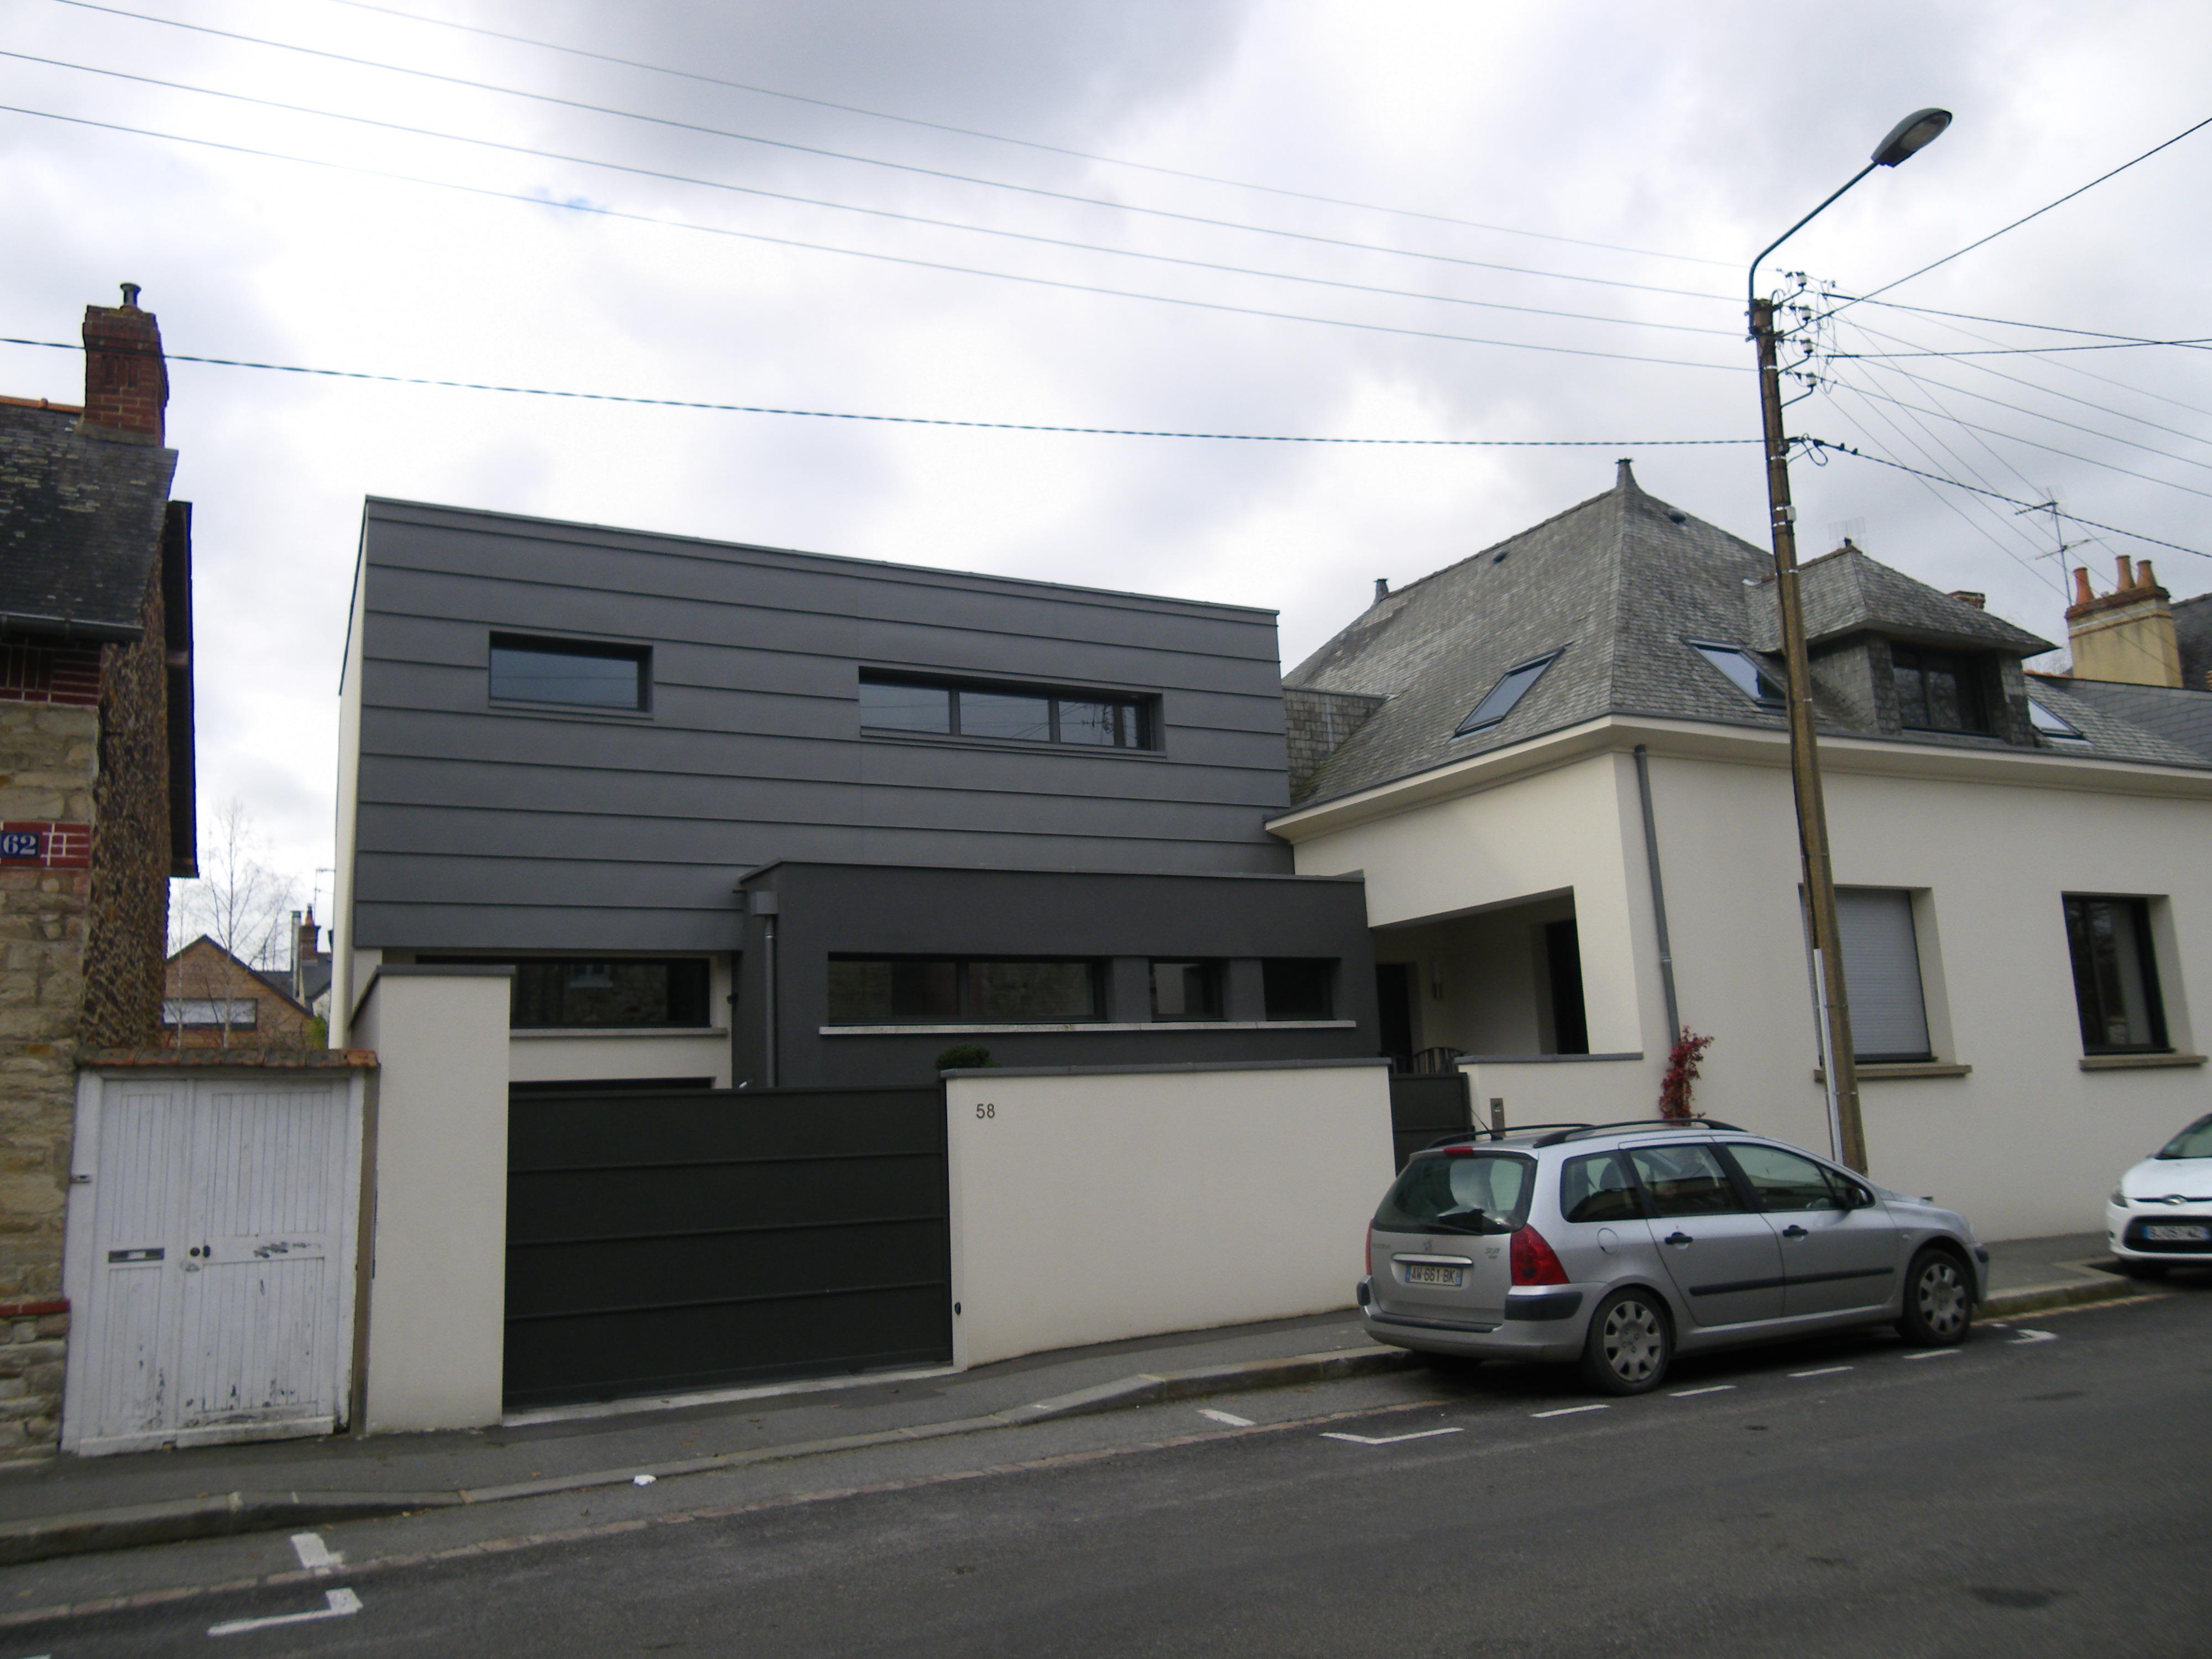 Image De Maison Moderne file:maison moderne rue alain bouchart a rennes - panoramio